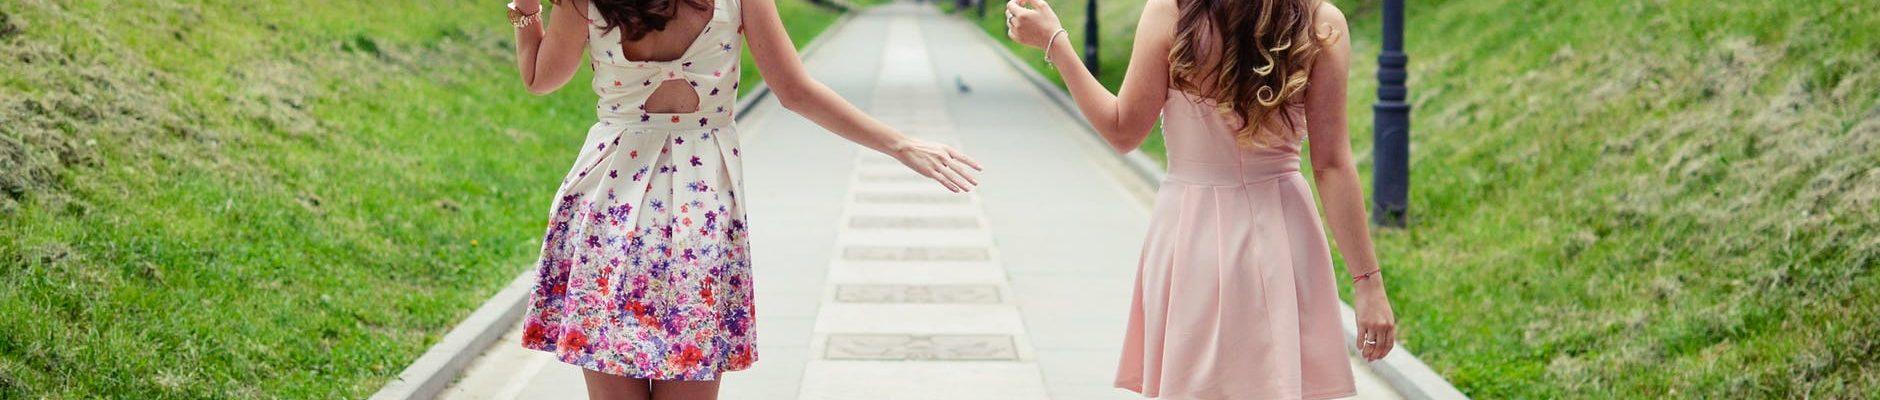 Bajka za odrasle žene, Kad prekidi s prijateljima bole kao i prekidi ljubavi